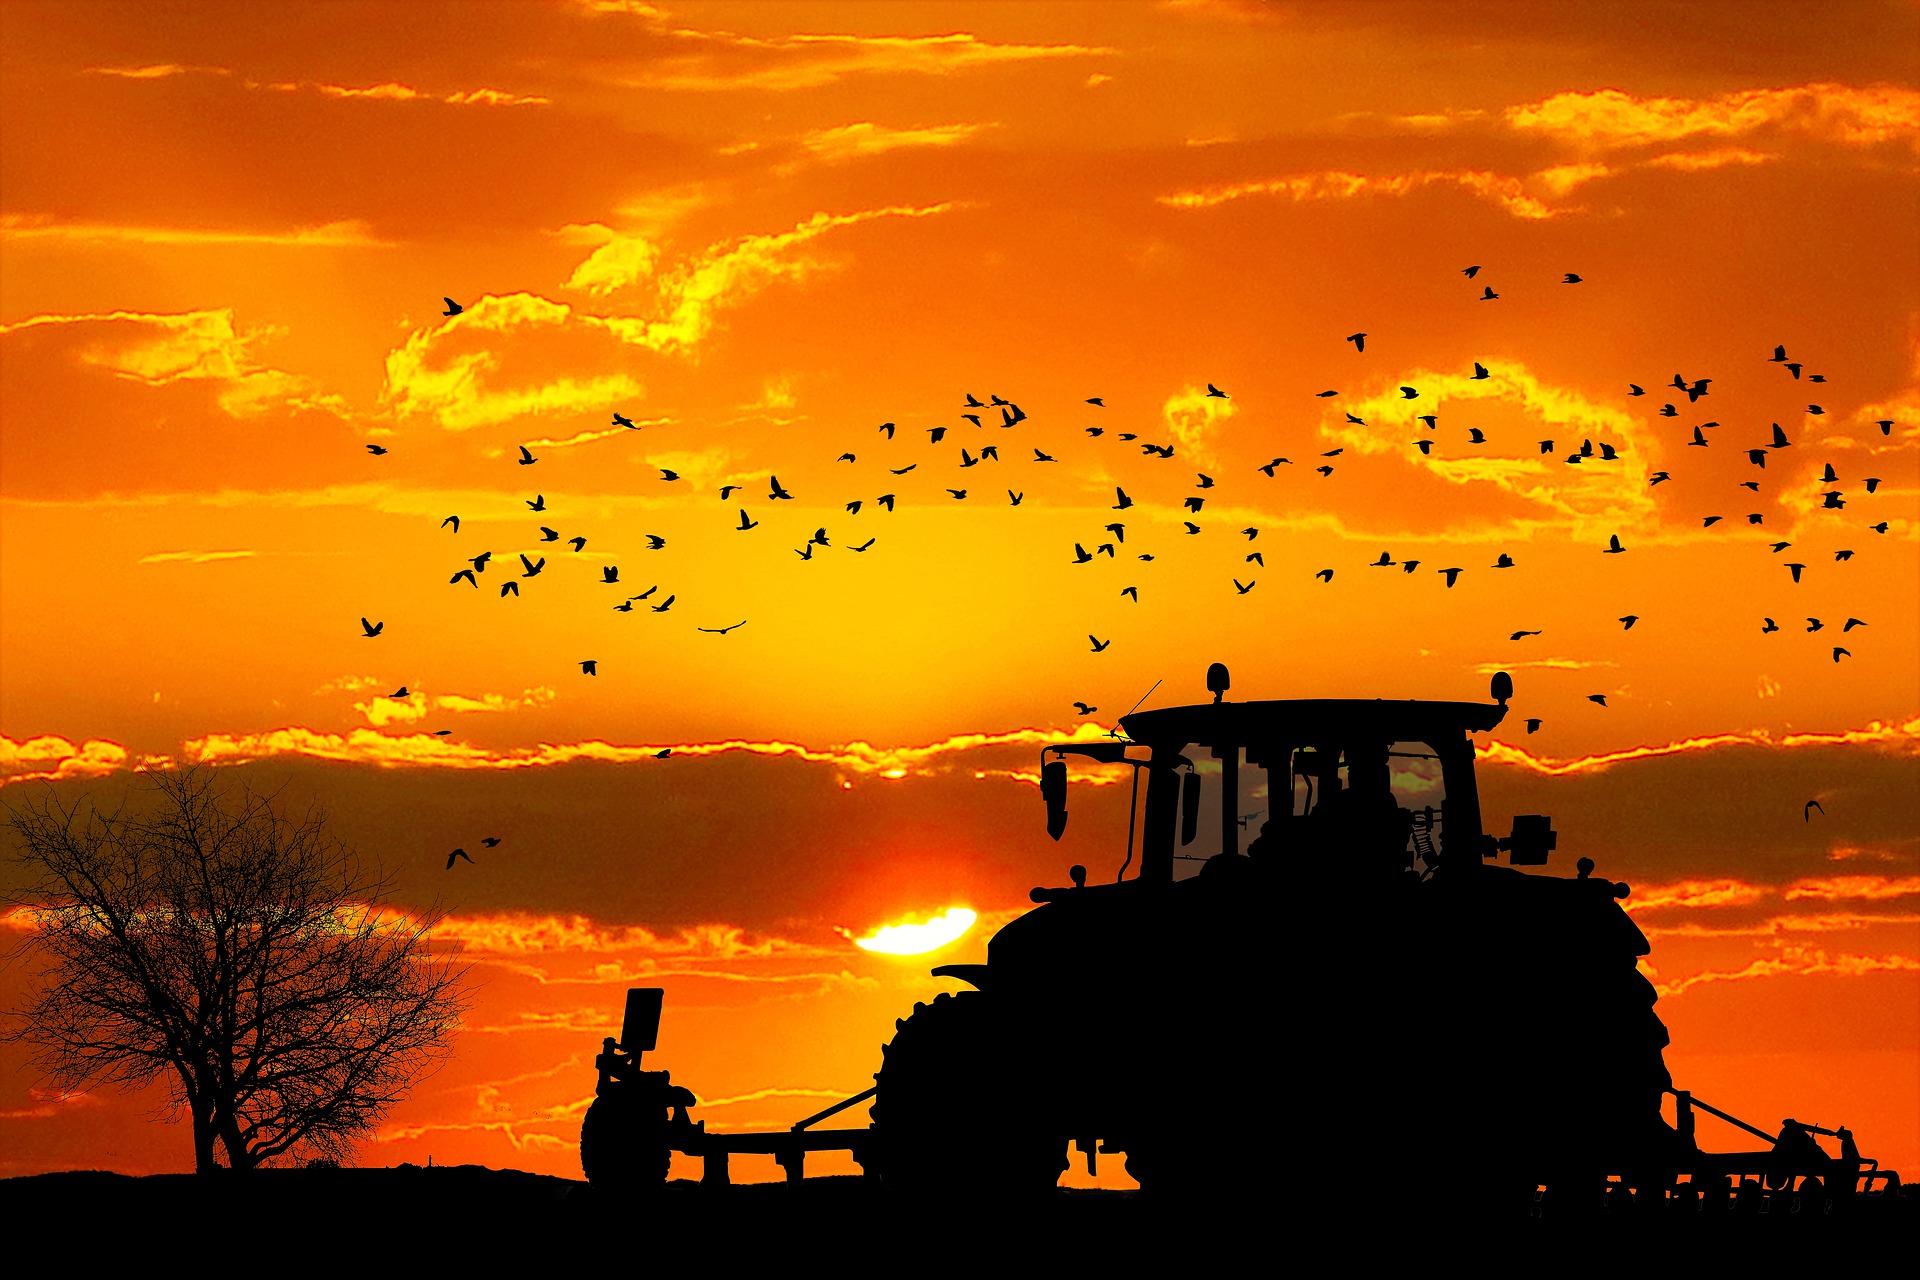 Tarımda IoT ve Büyük Veri: Geleceğin Sorunlarına Bugünden Çözümler